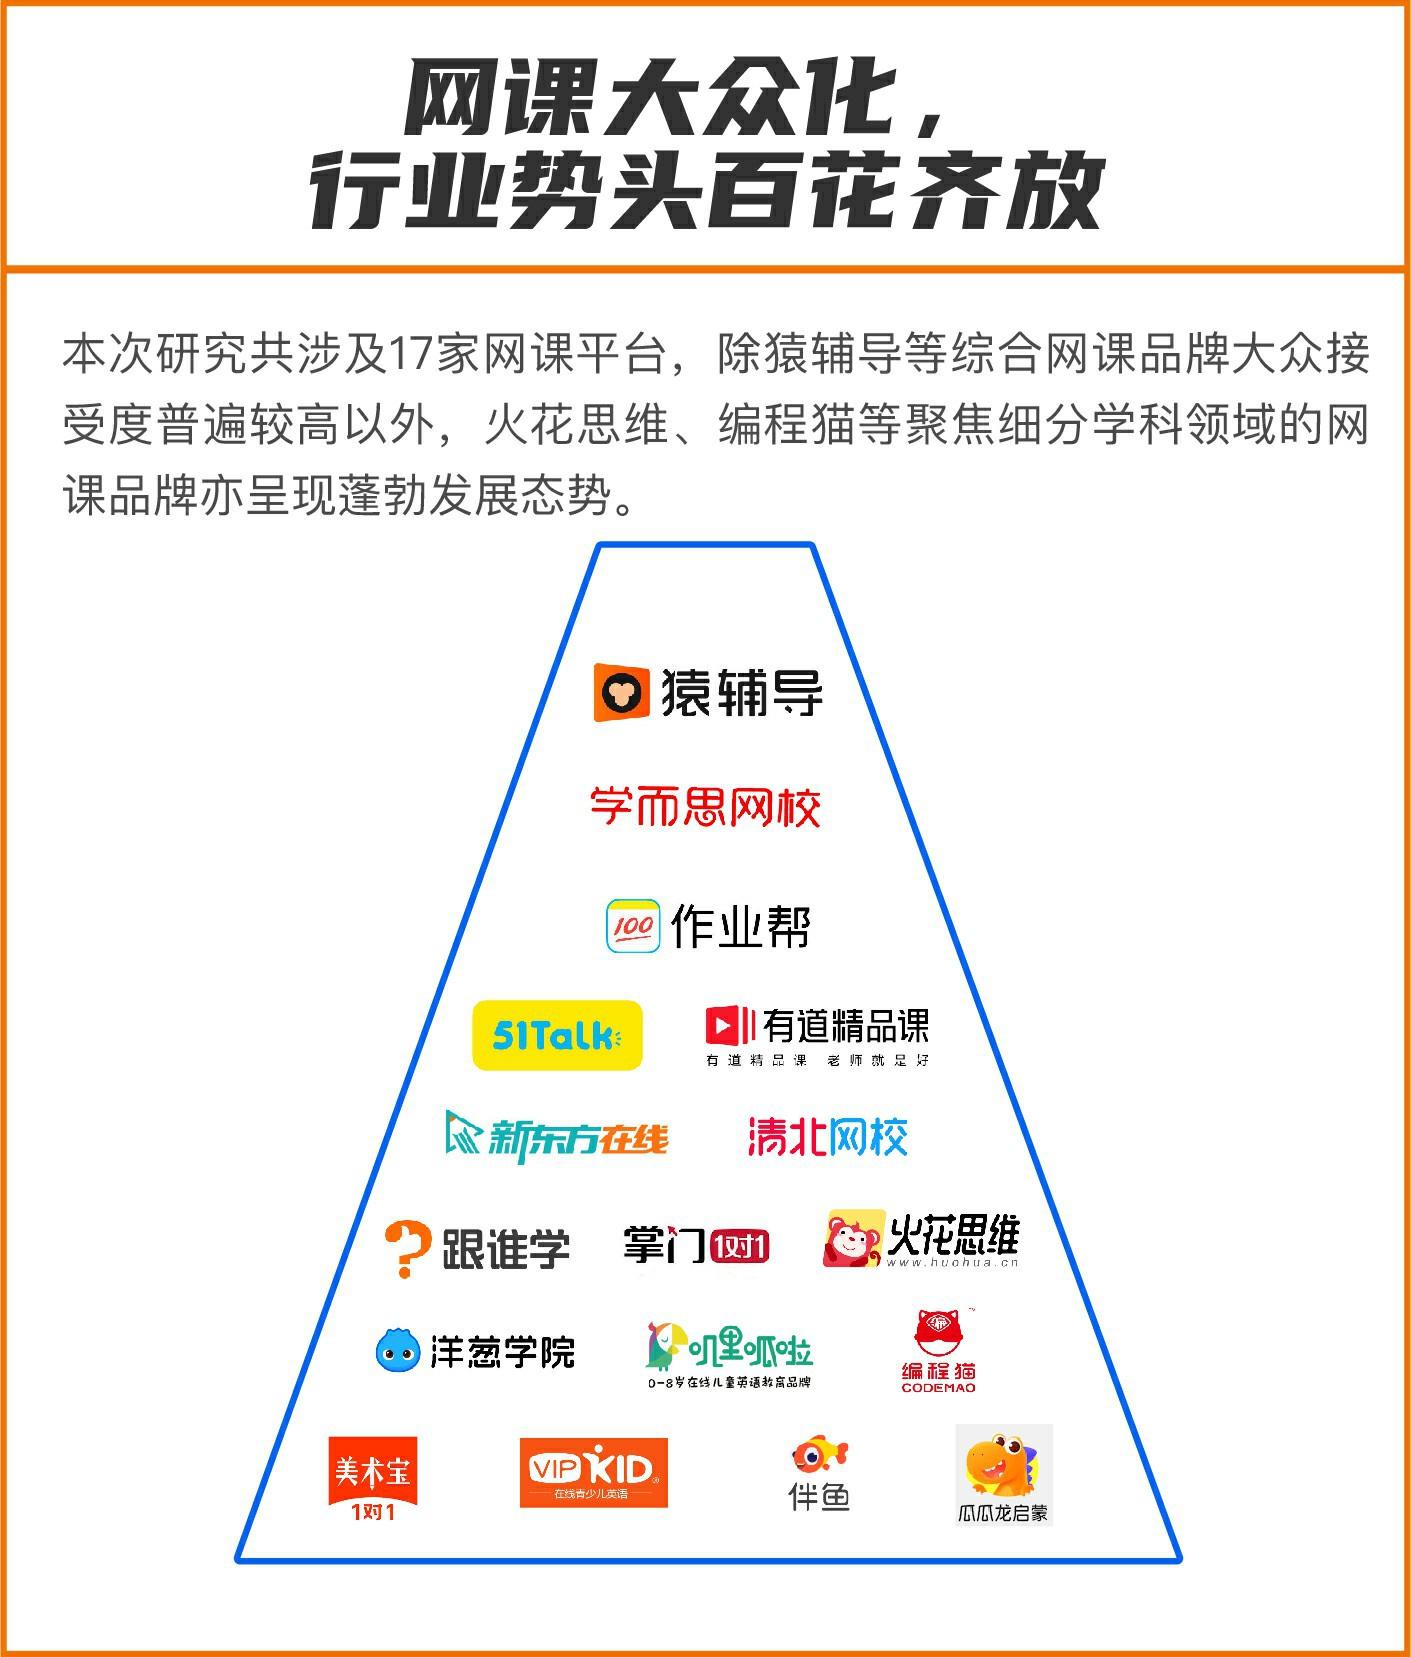 《2020年中国K12网课发展洞察报告》发布:提高学习效率是00后上网课的核心需求图2